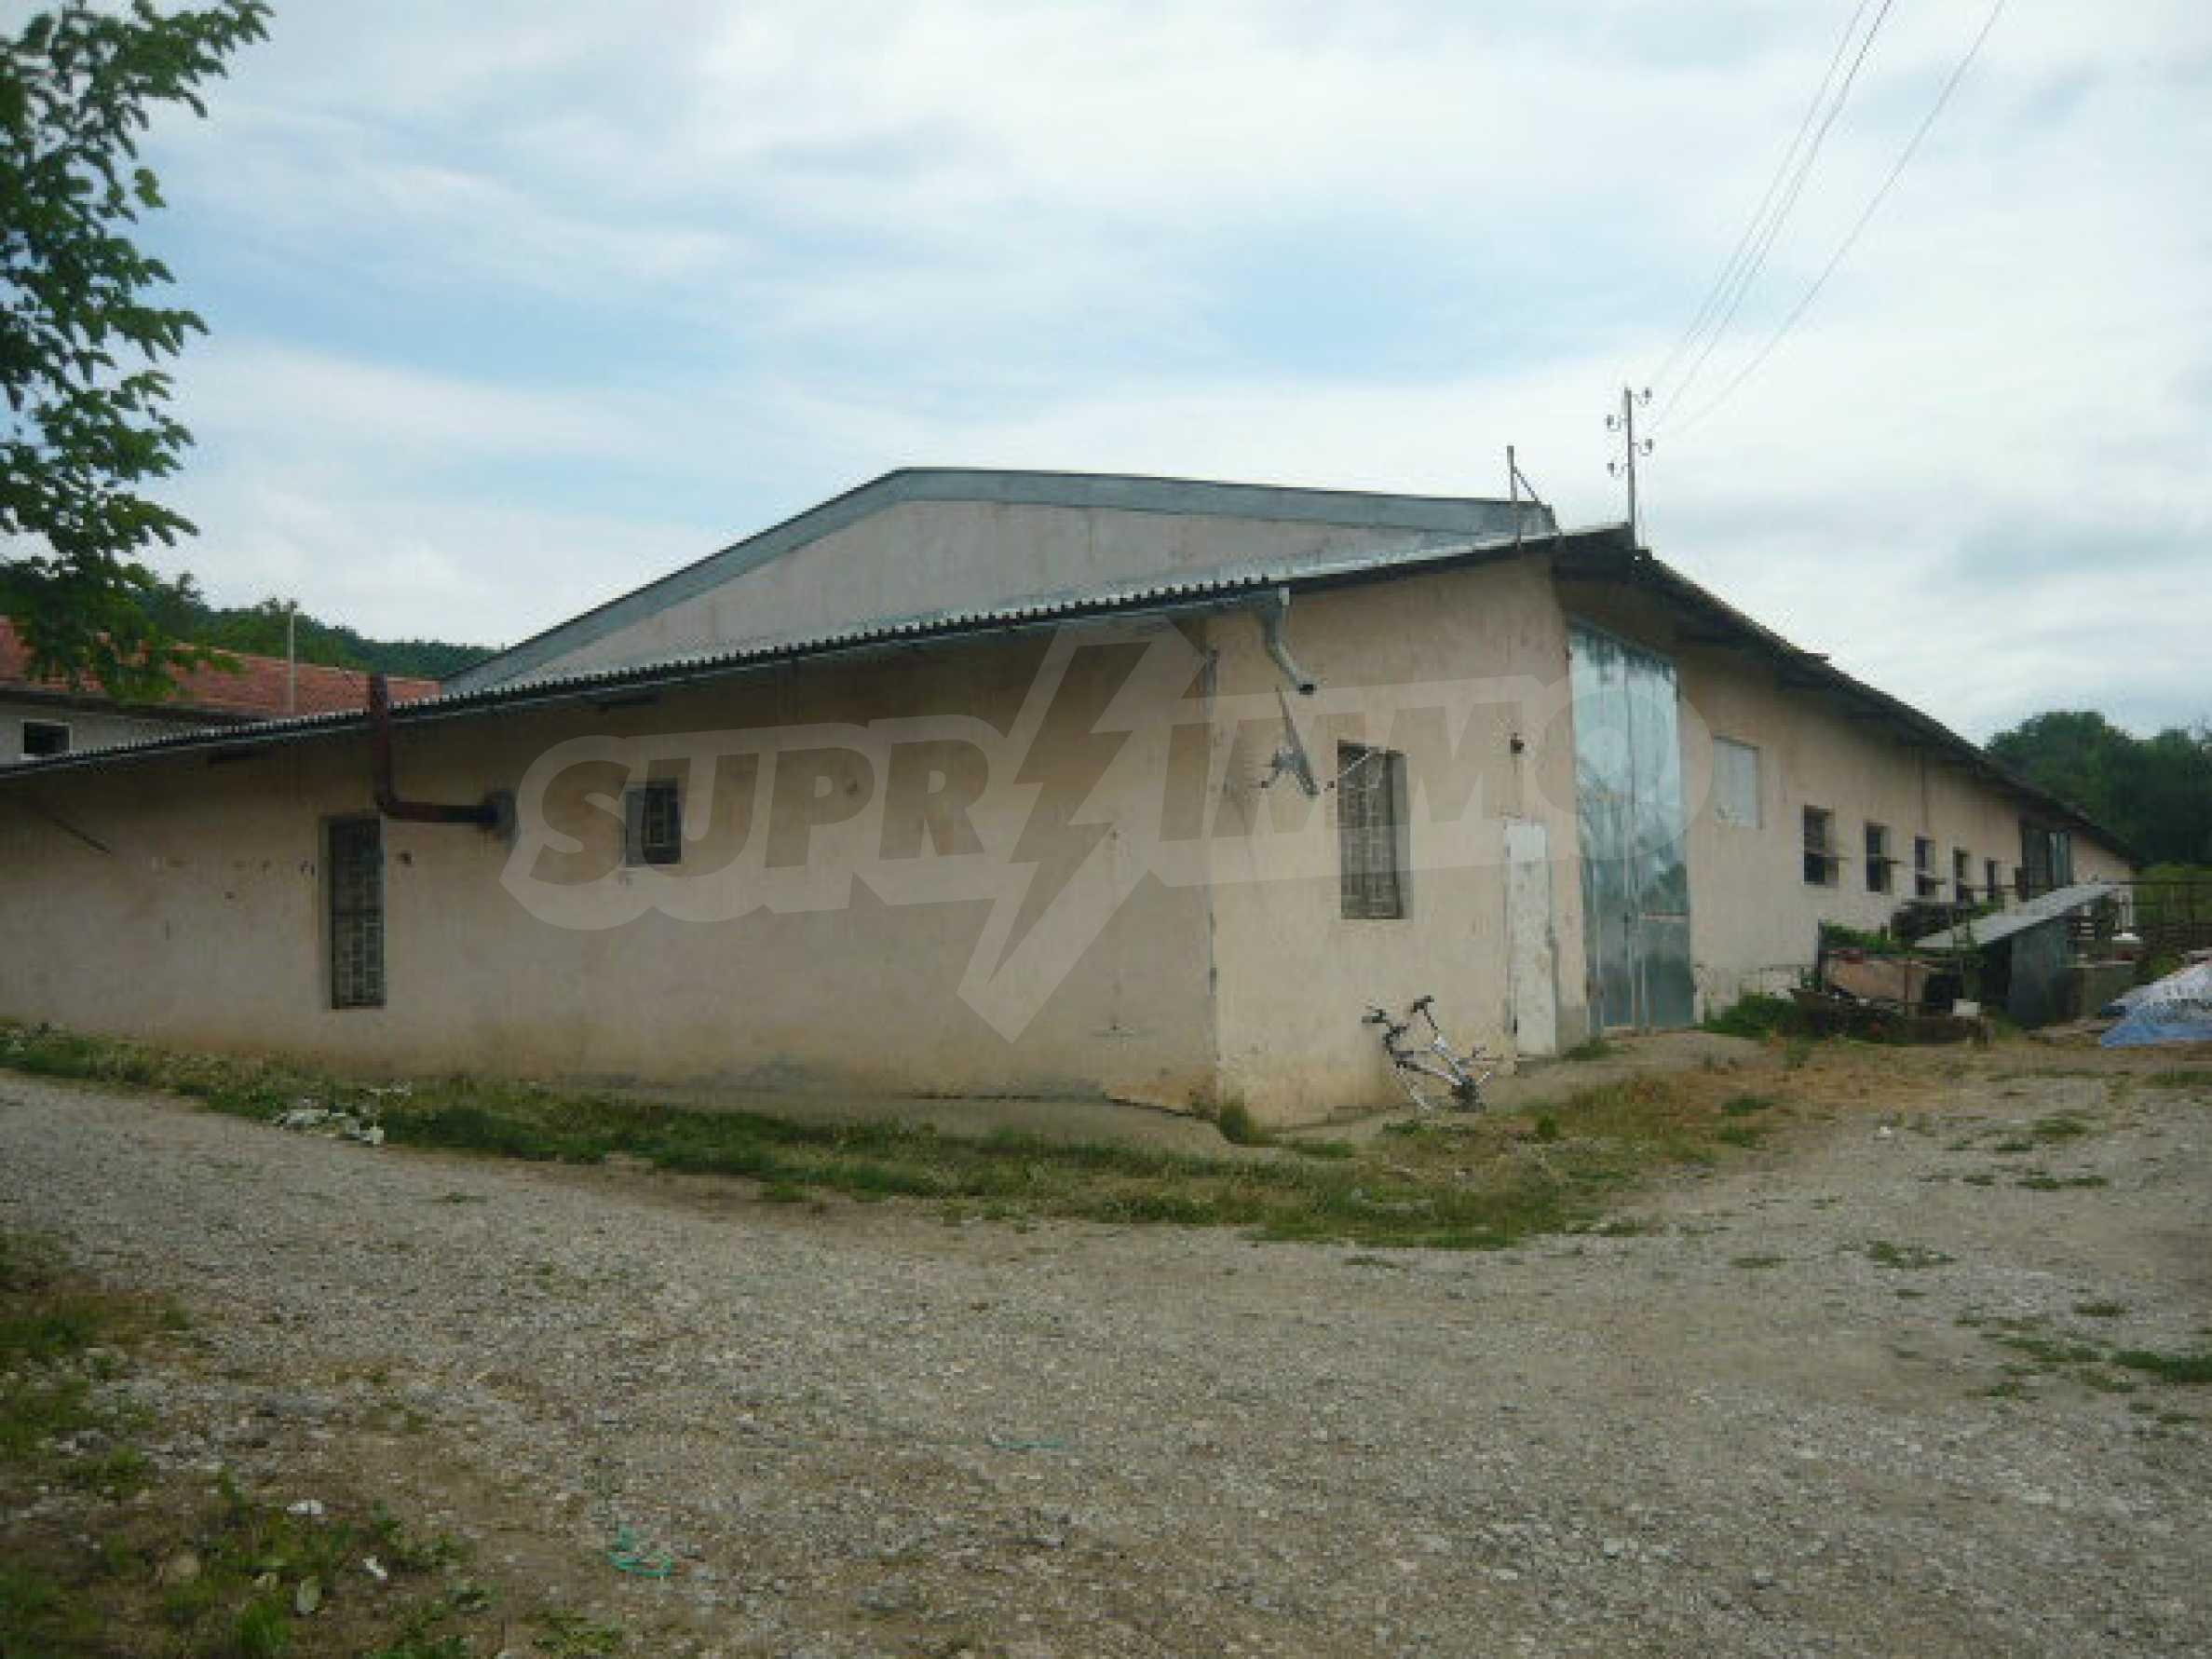 Neues Bauernhaus in einem Dorf in der Nähe von Veliko Tarnovo 19